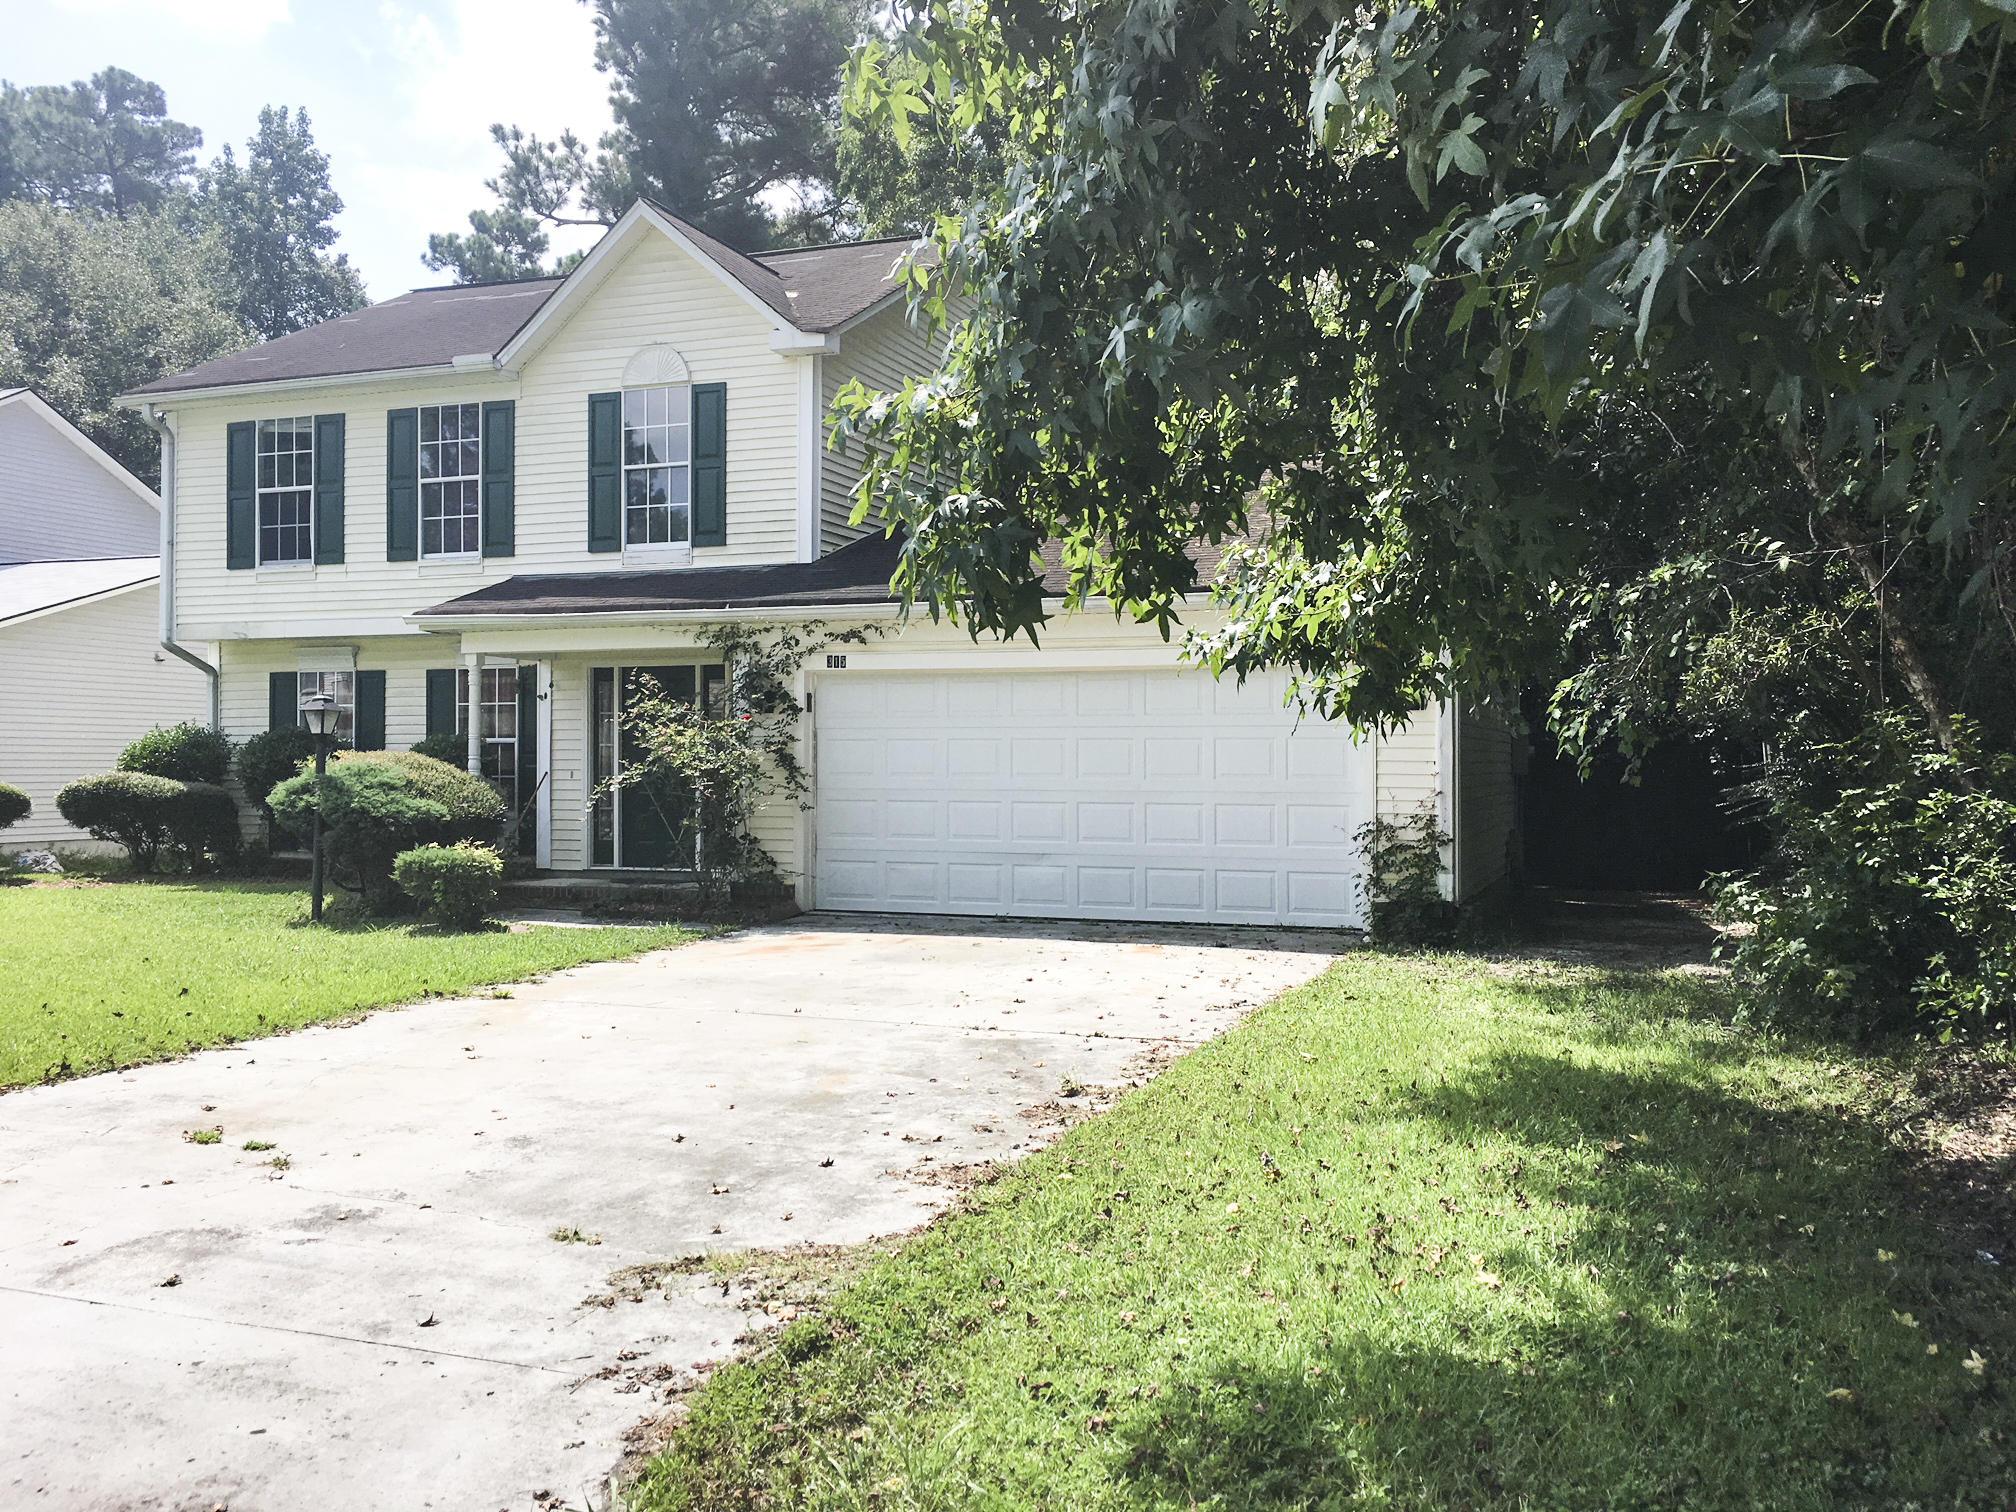 Kensington Park Homes For Sale - 315 Damascus, Summerville, SC - 4